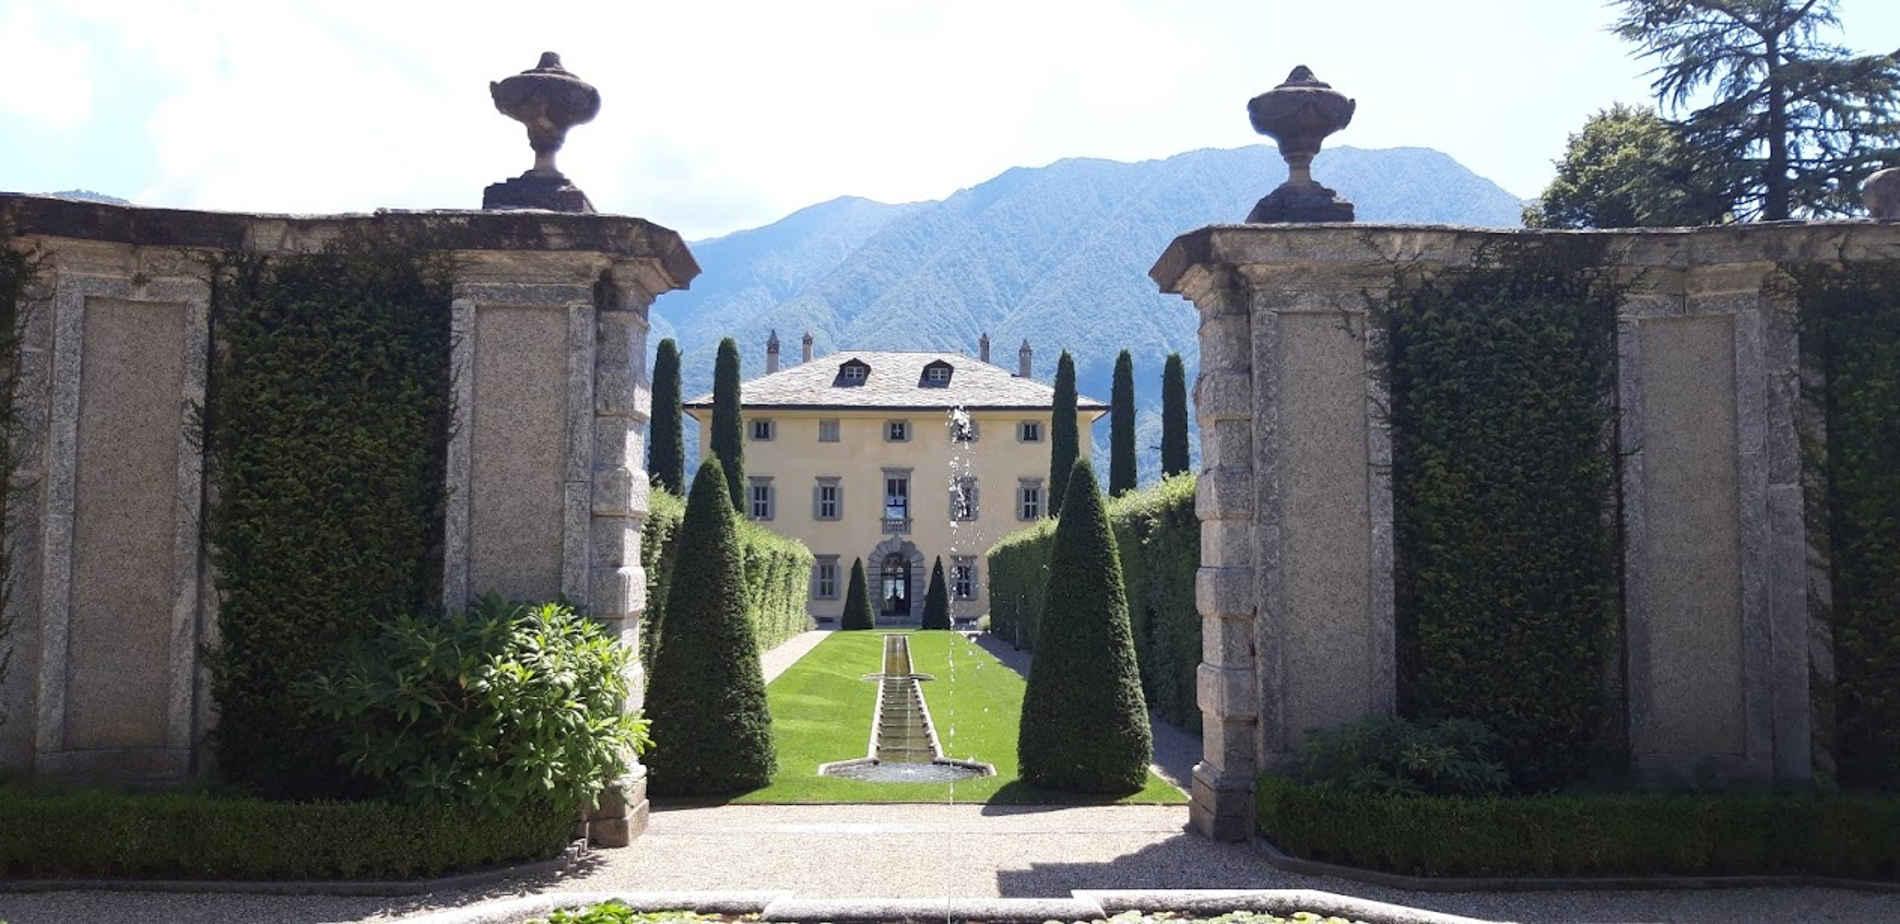 scoprire-il-lago-di-Como-in-battello-villa-balbiano